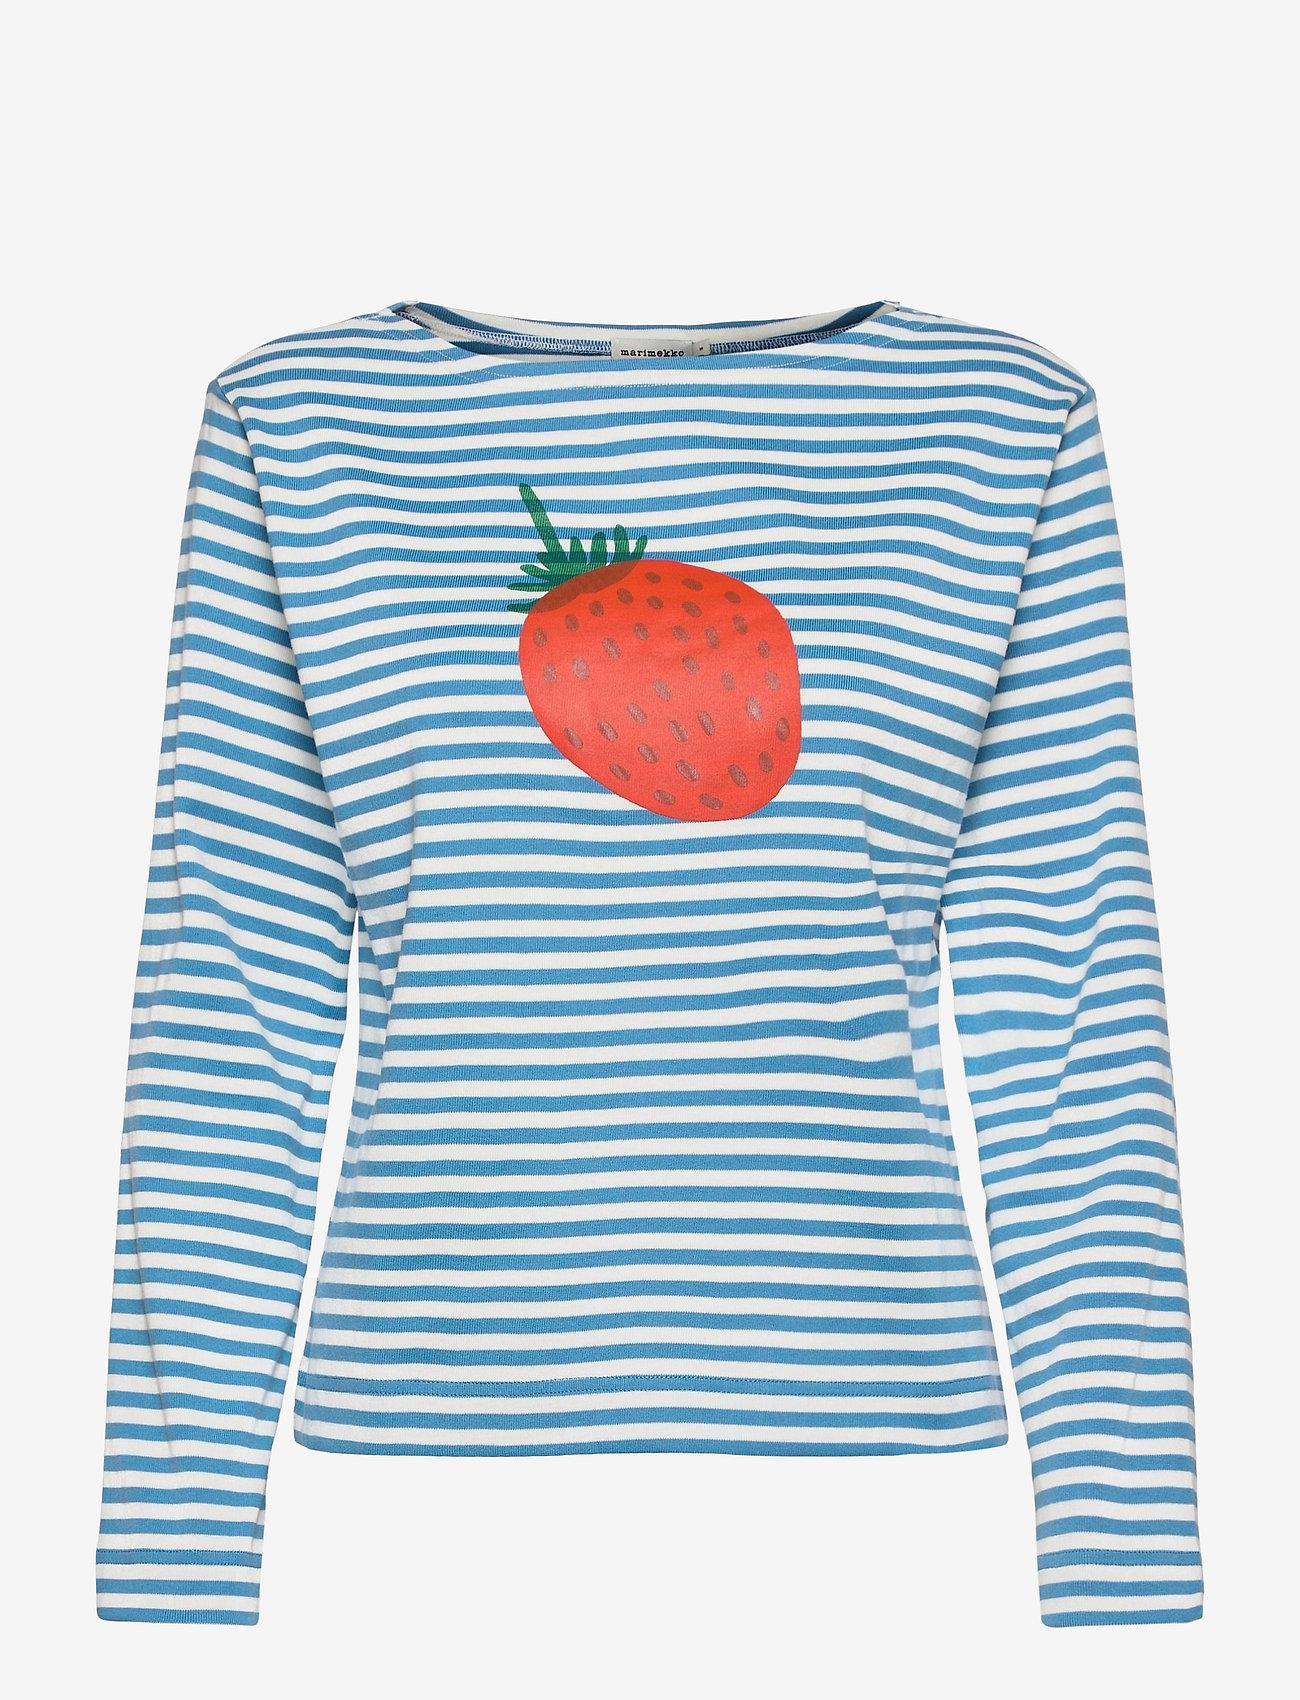 Marimekko - LEIKITTELIT MANSIKKA PLACEMENT SHIRT - langærmede toppe - off white, blue, red - 1